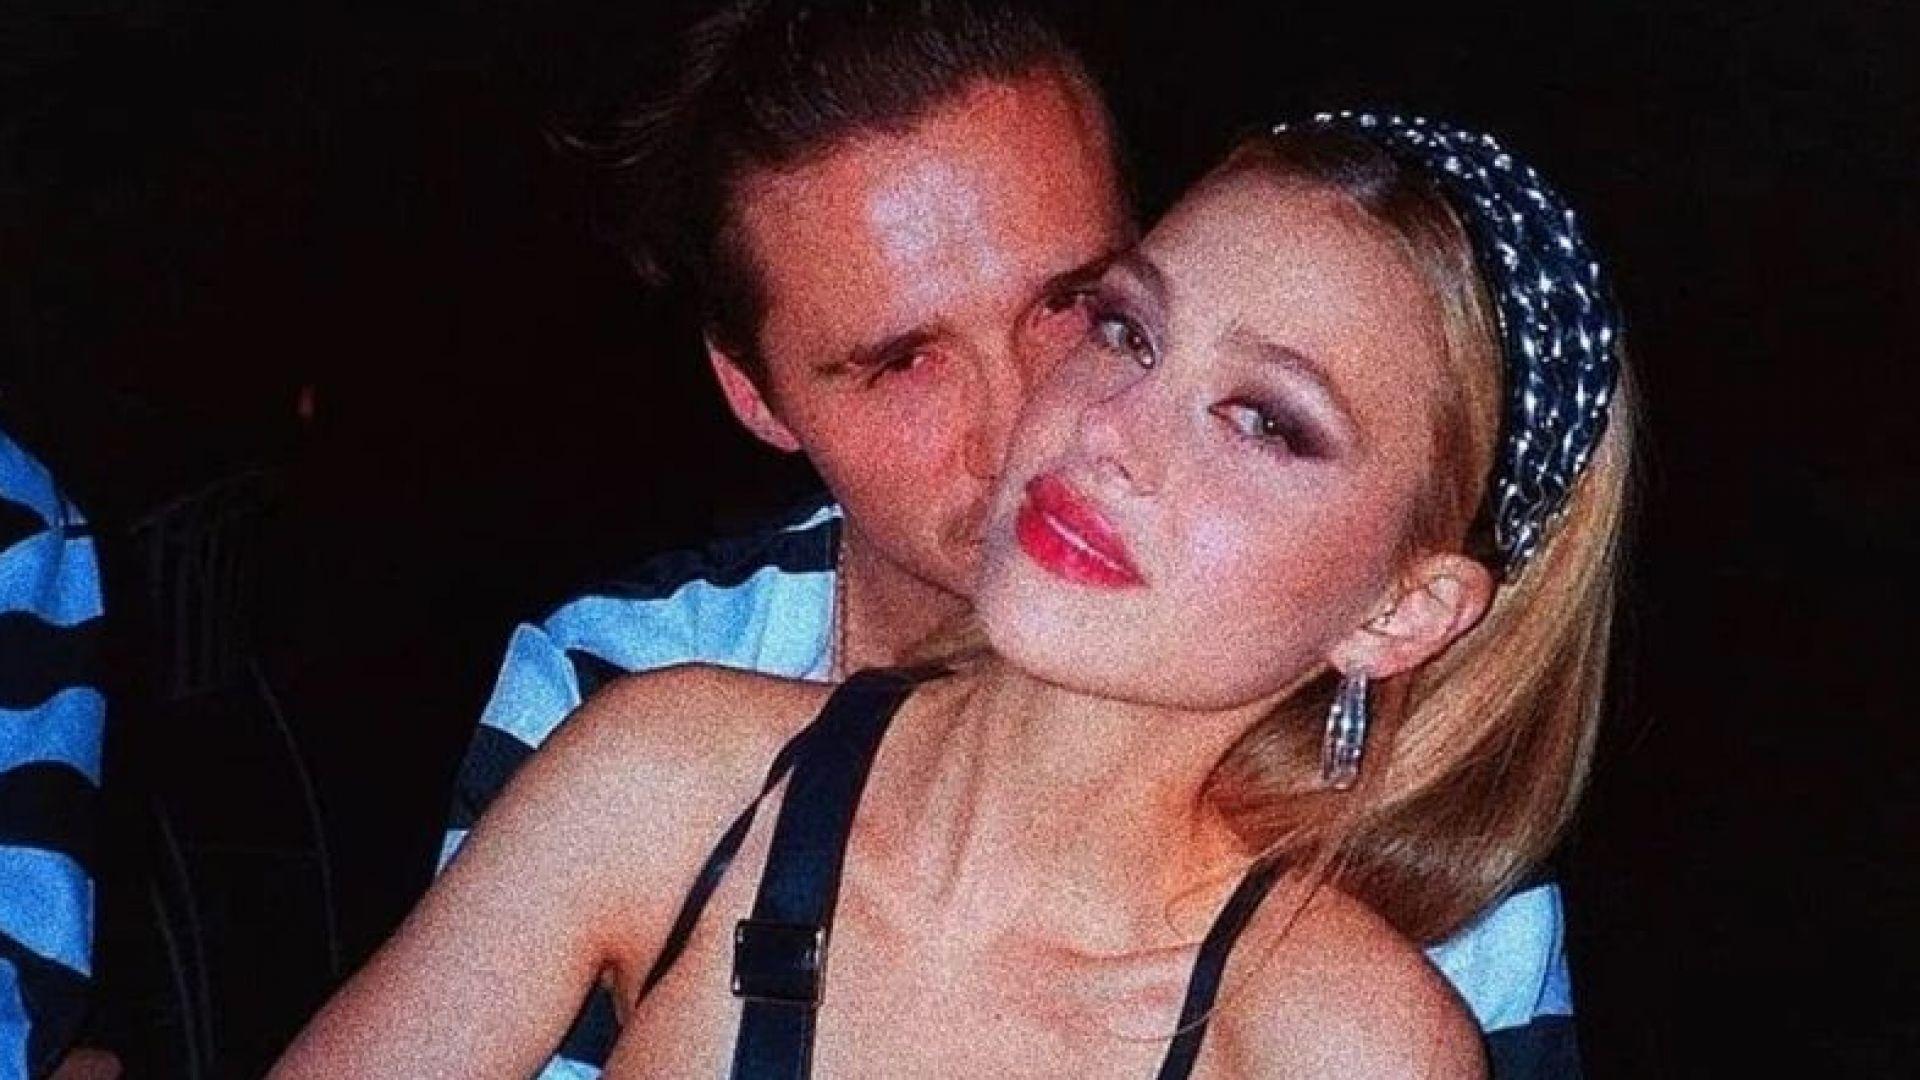 Бруклин Бекъм се раздели с двойничка на майка си. Среща се с нова секси актриса